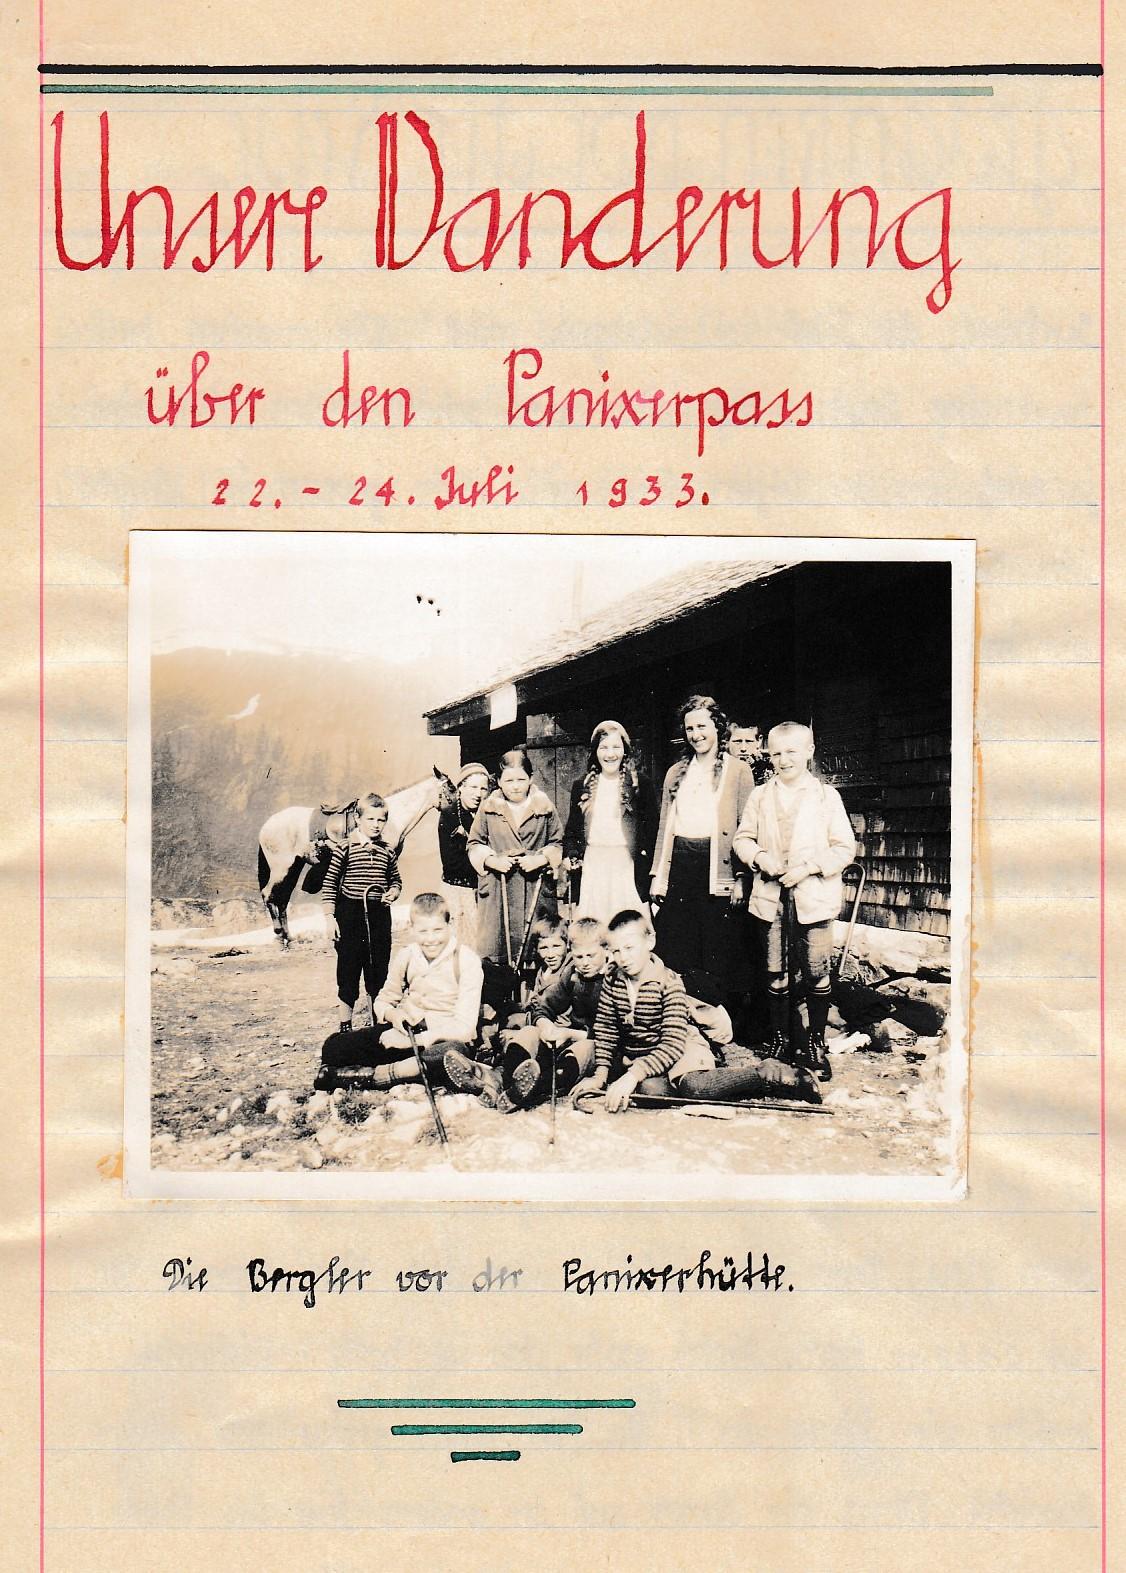 Bericht von der Wanderung der Schule Berg über den Panixerpass von 1933.